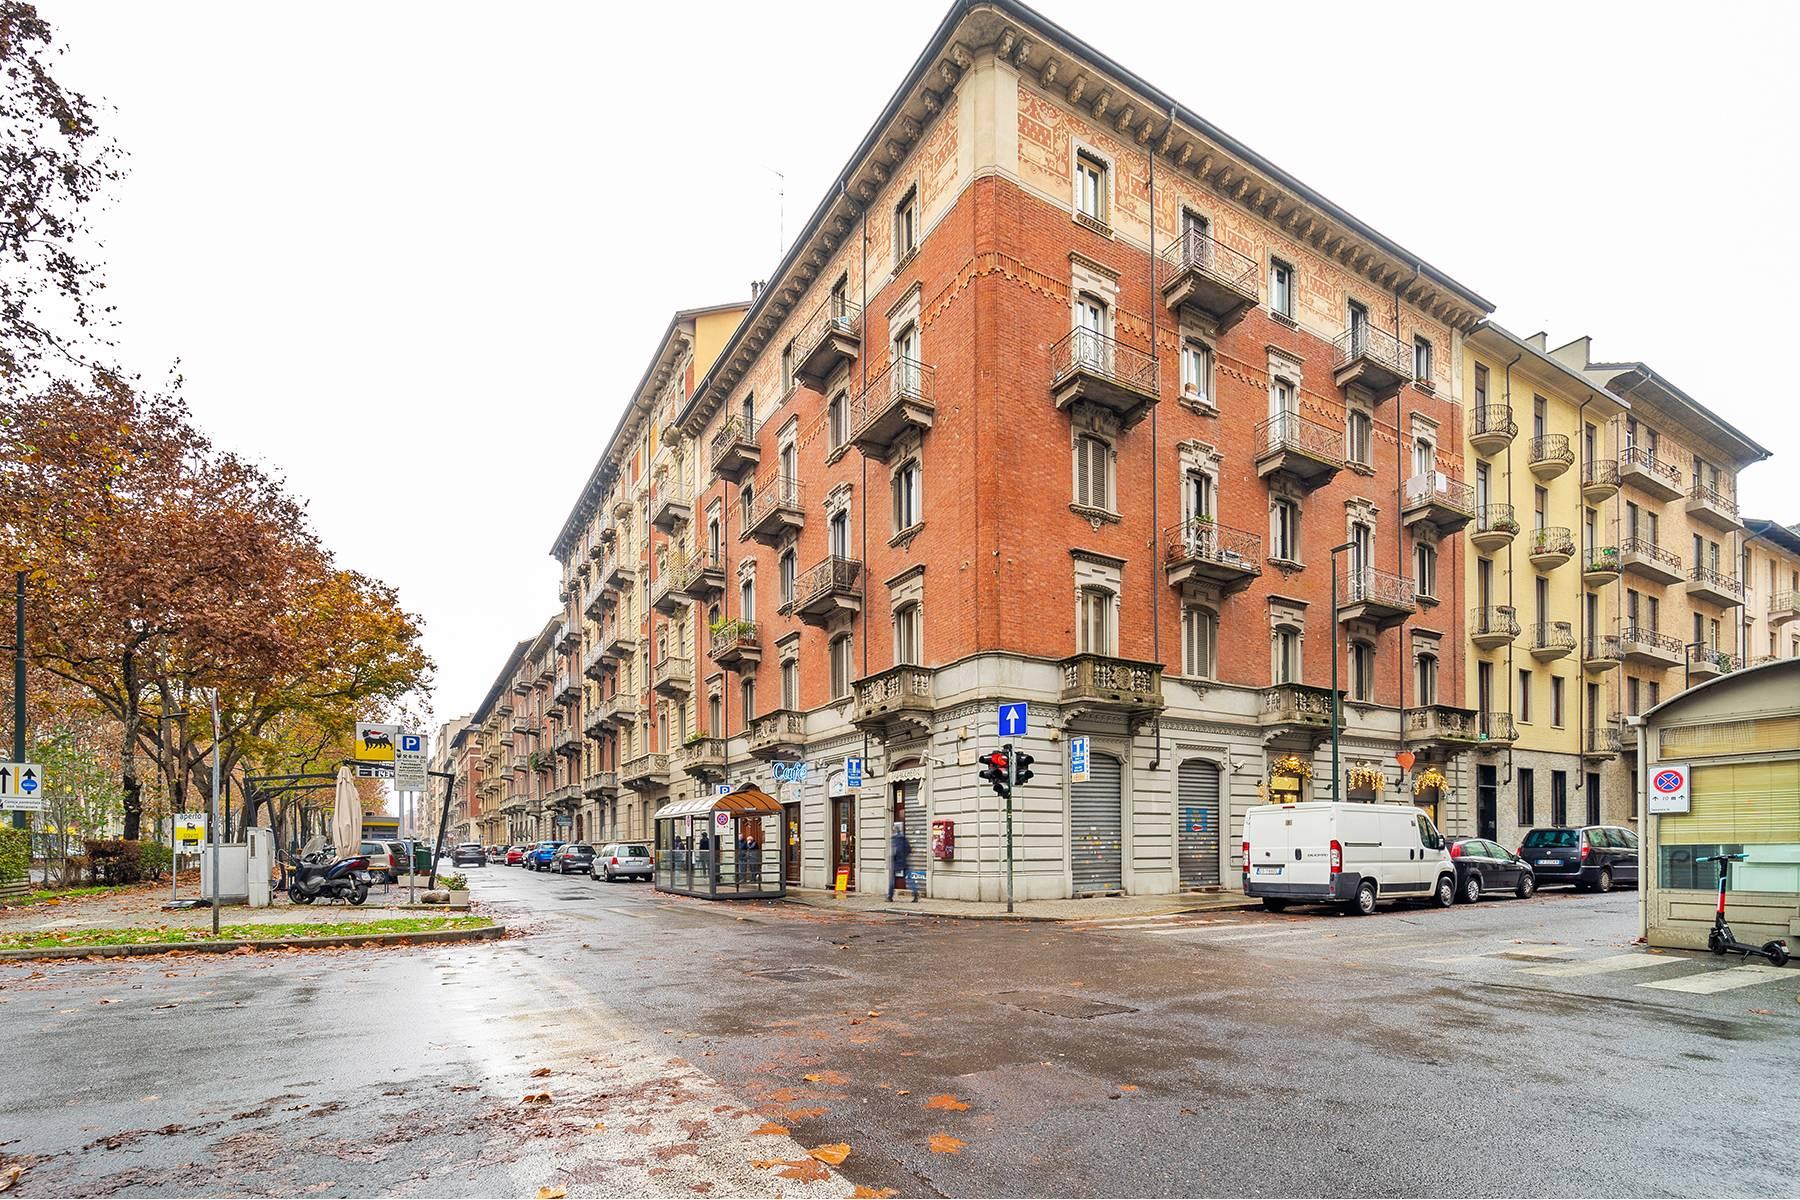 Appartamento in Vendita a Torino corso duca degli abruzzi